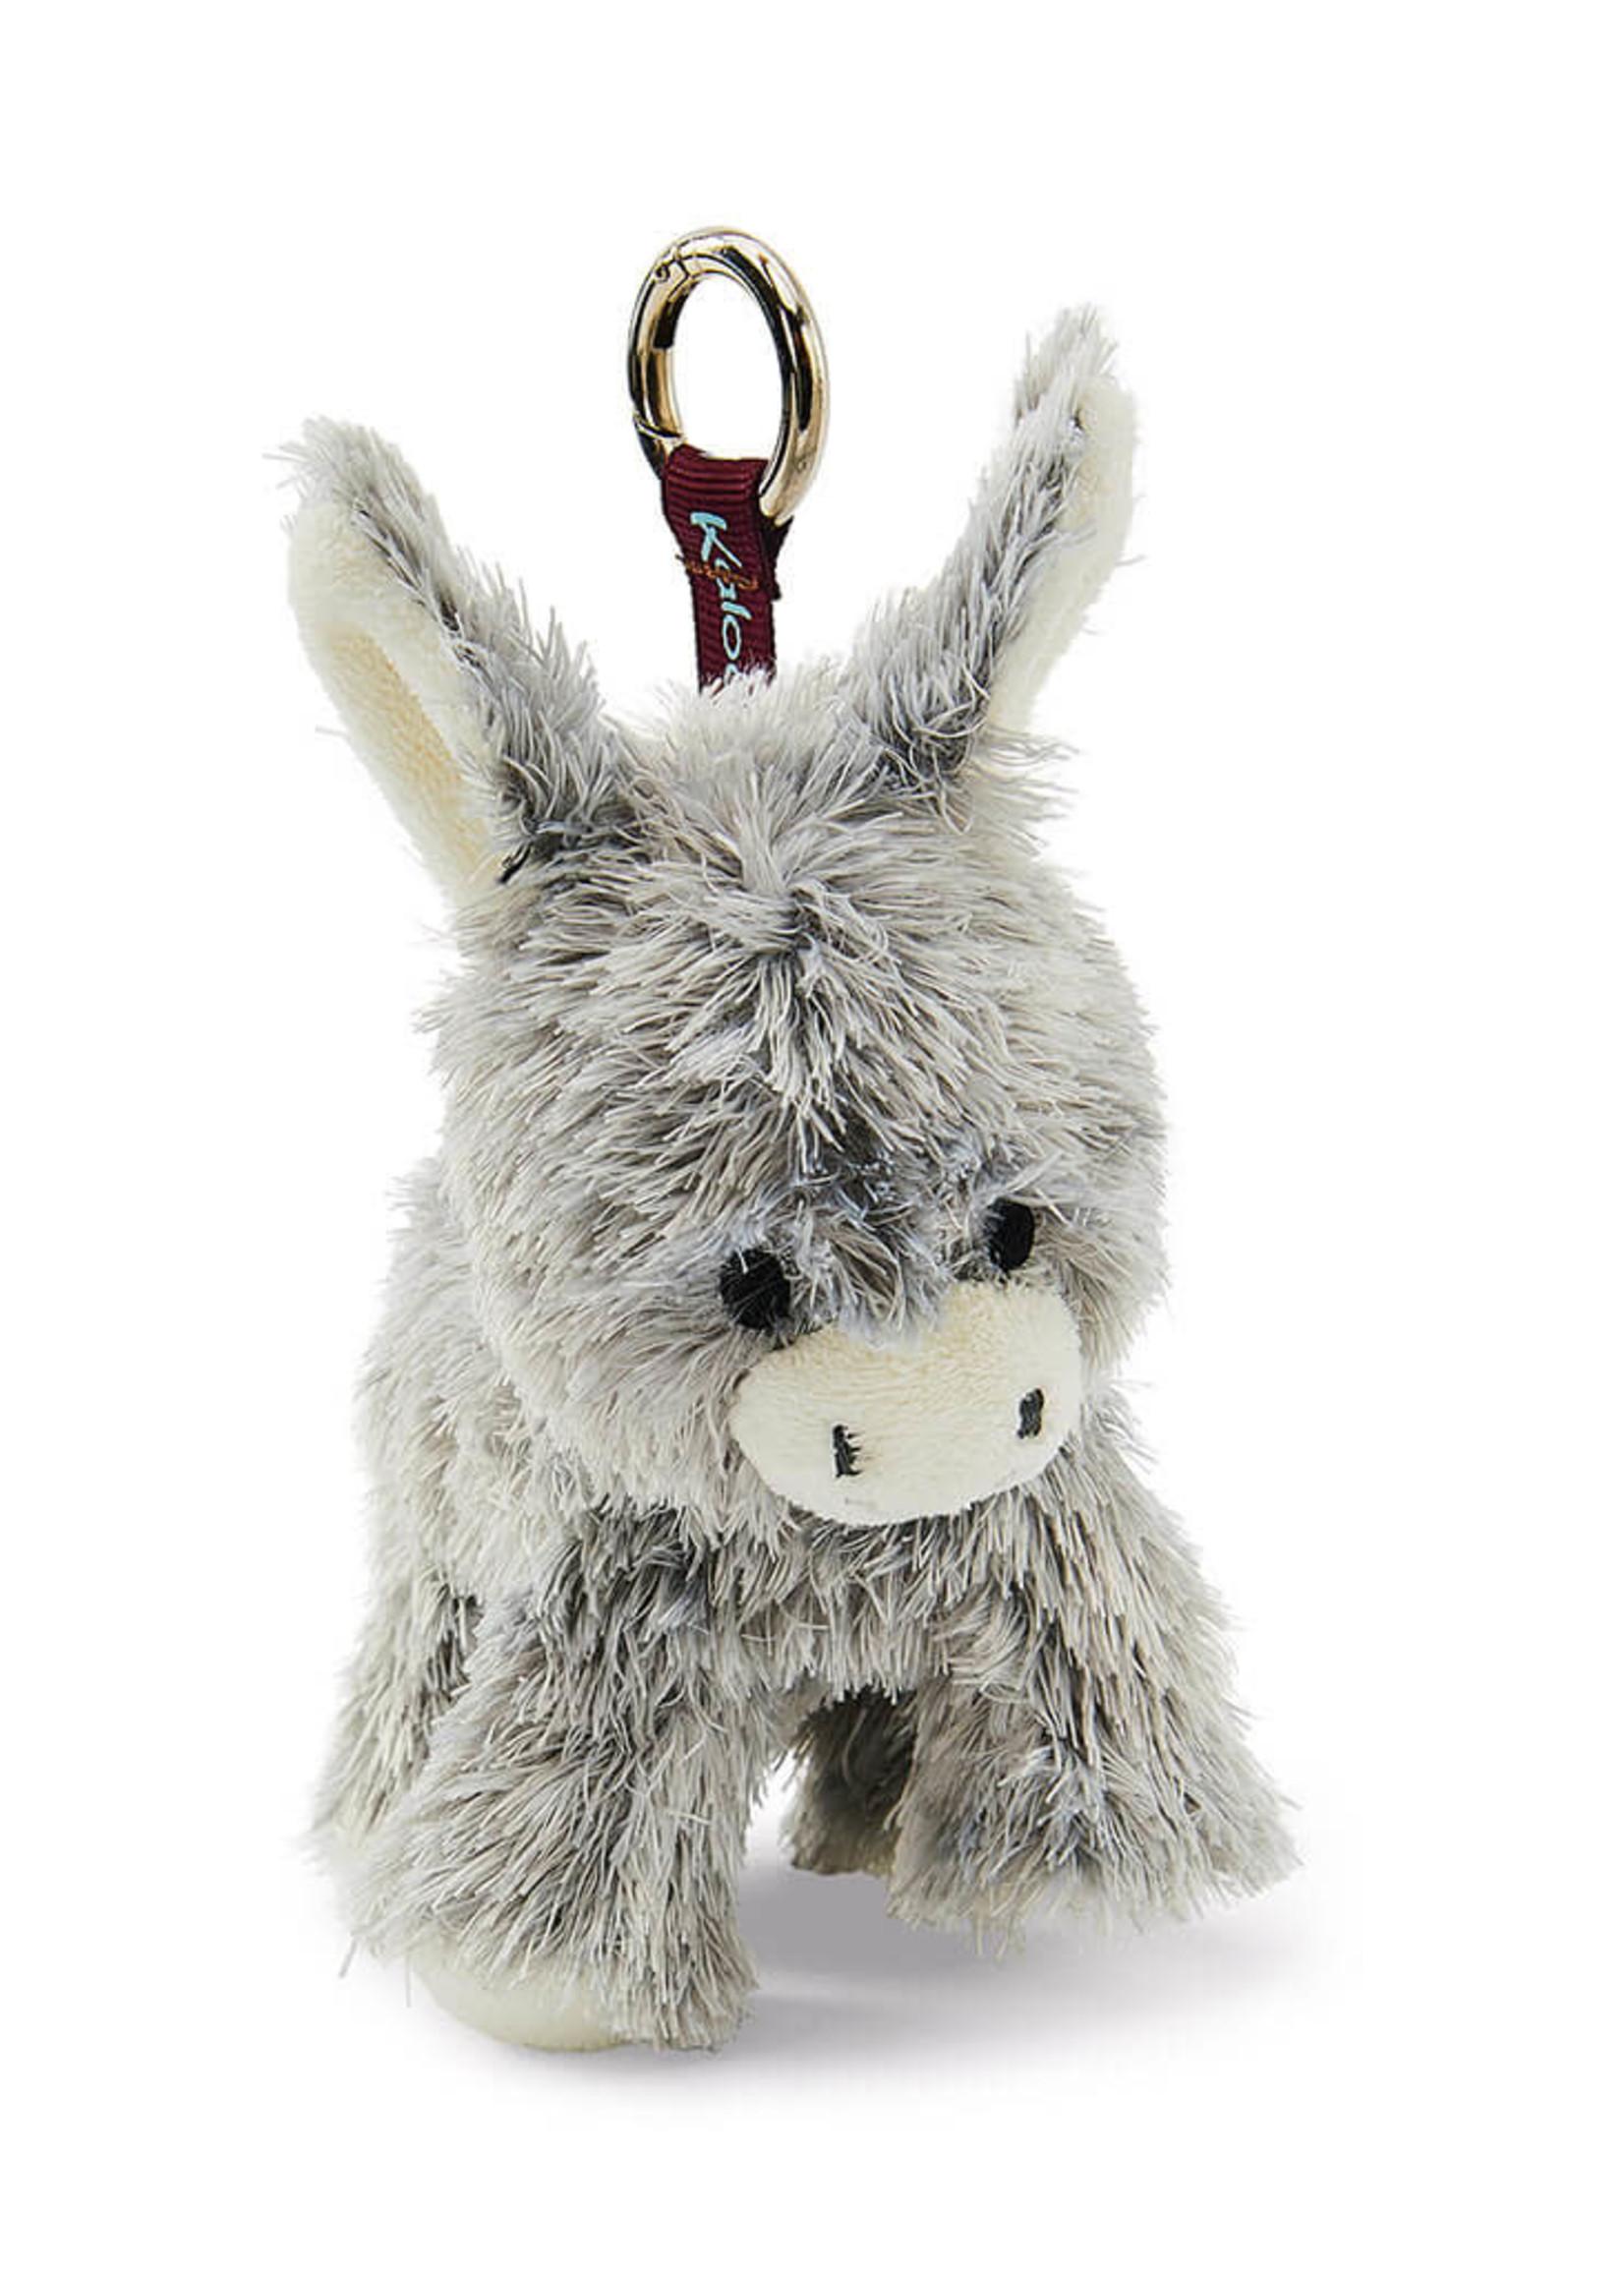 Kaloo Kaloo Keychain (Donkey)